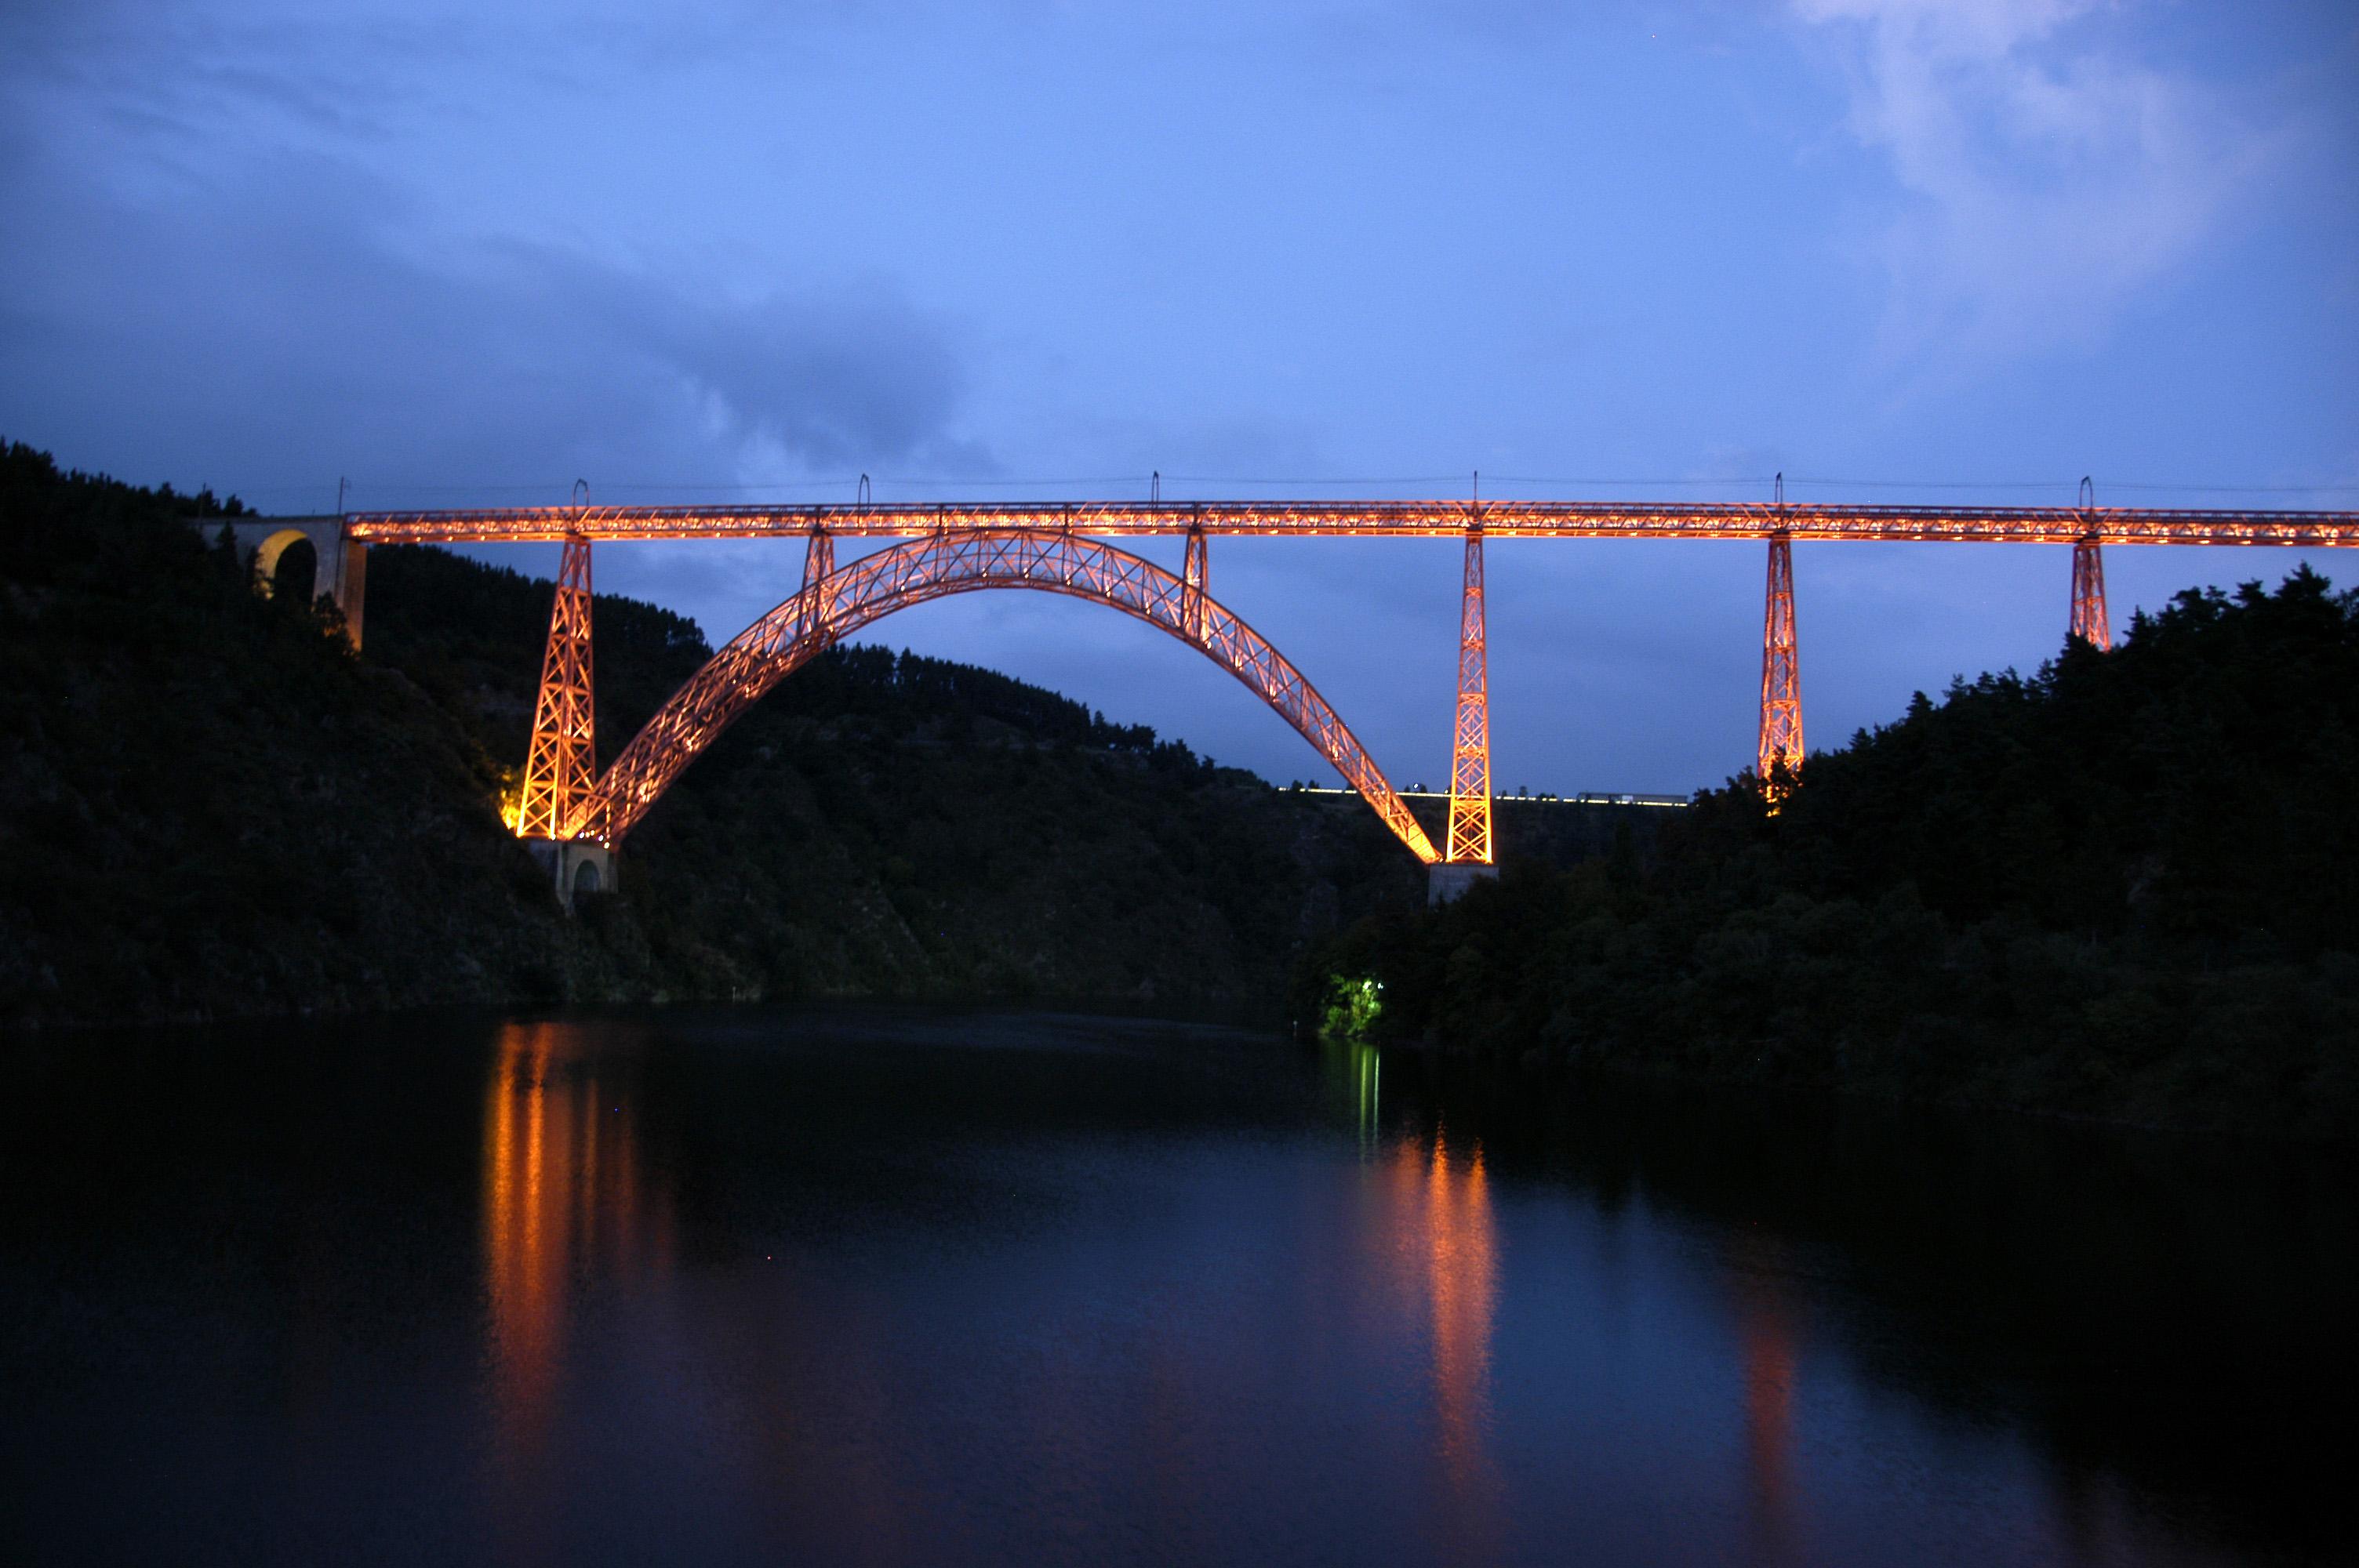 Viaduc de Garabit la nuit